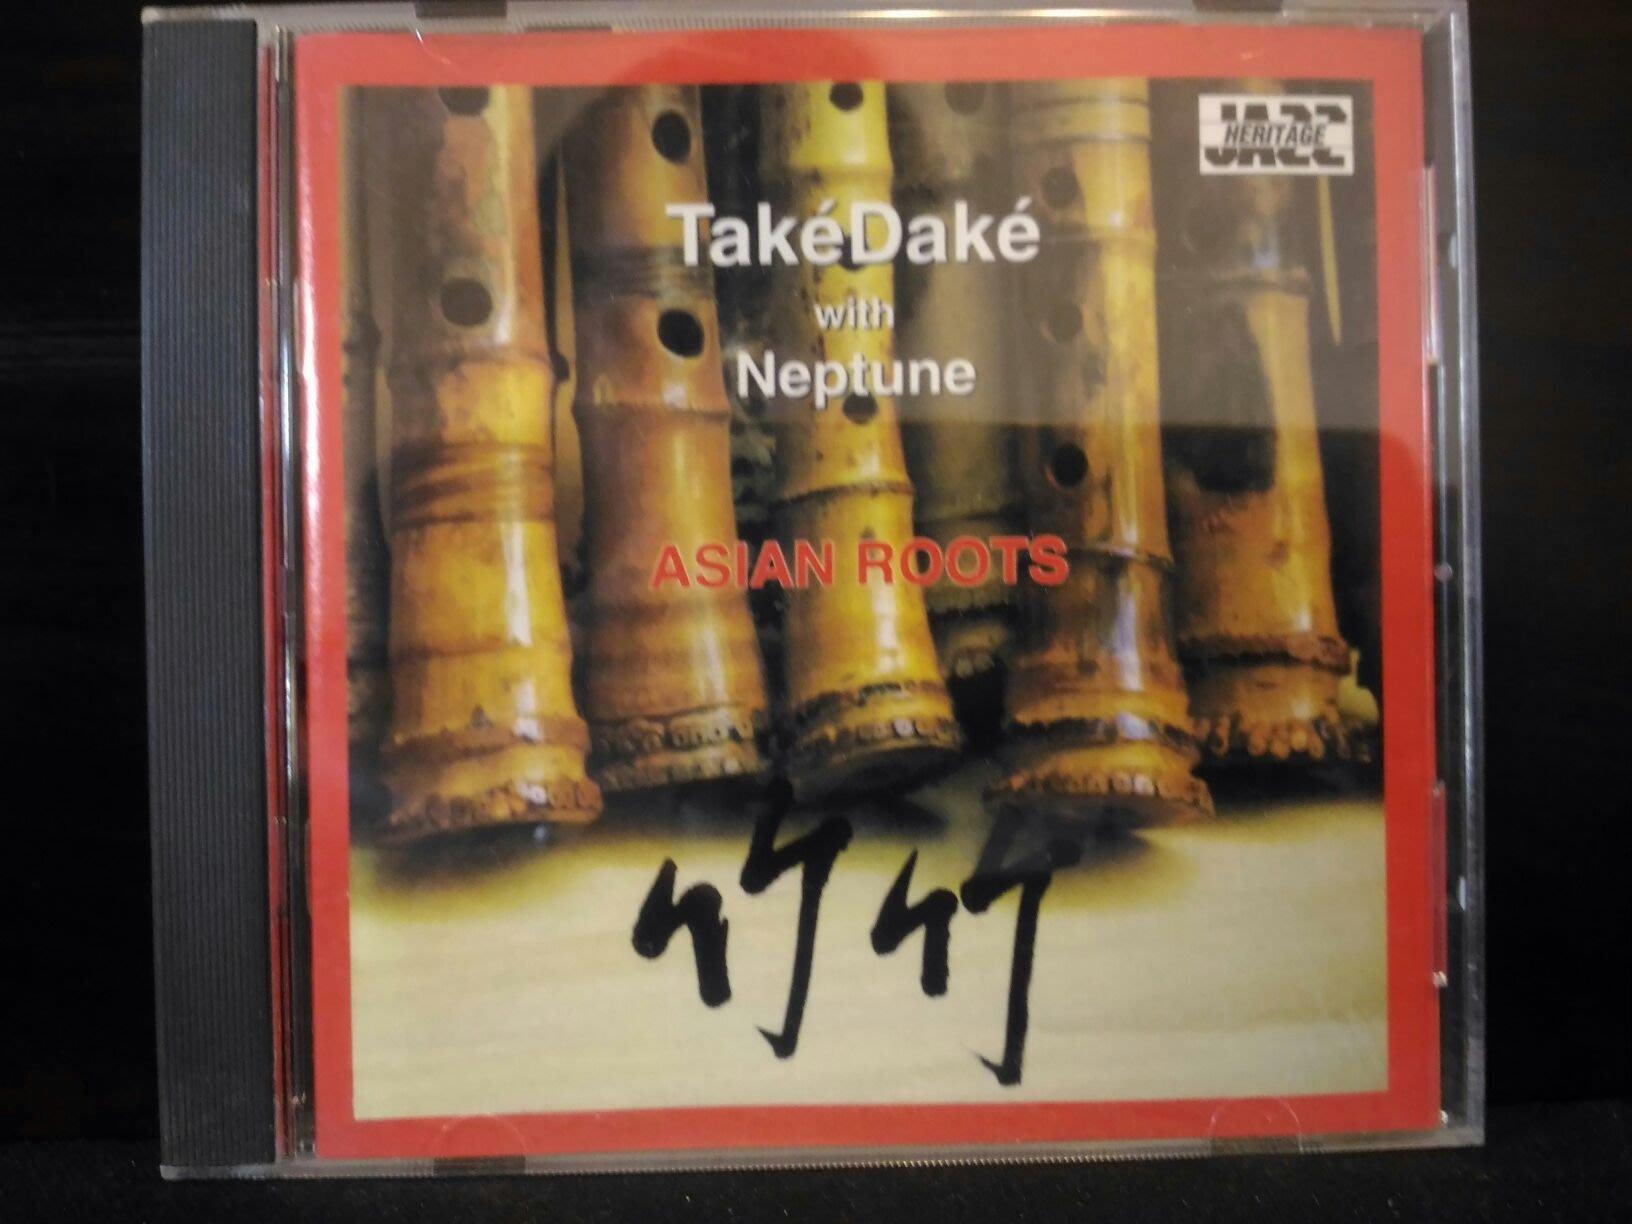 Take Dake With Neptune cd : Asian Roots , 竹竹,JEZZ HERITAGE,美國版,保存完好,1500元。